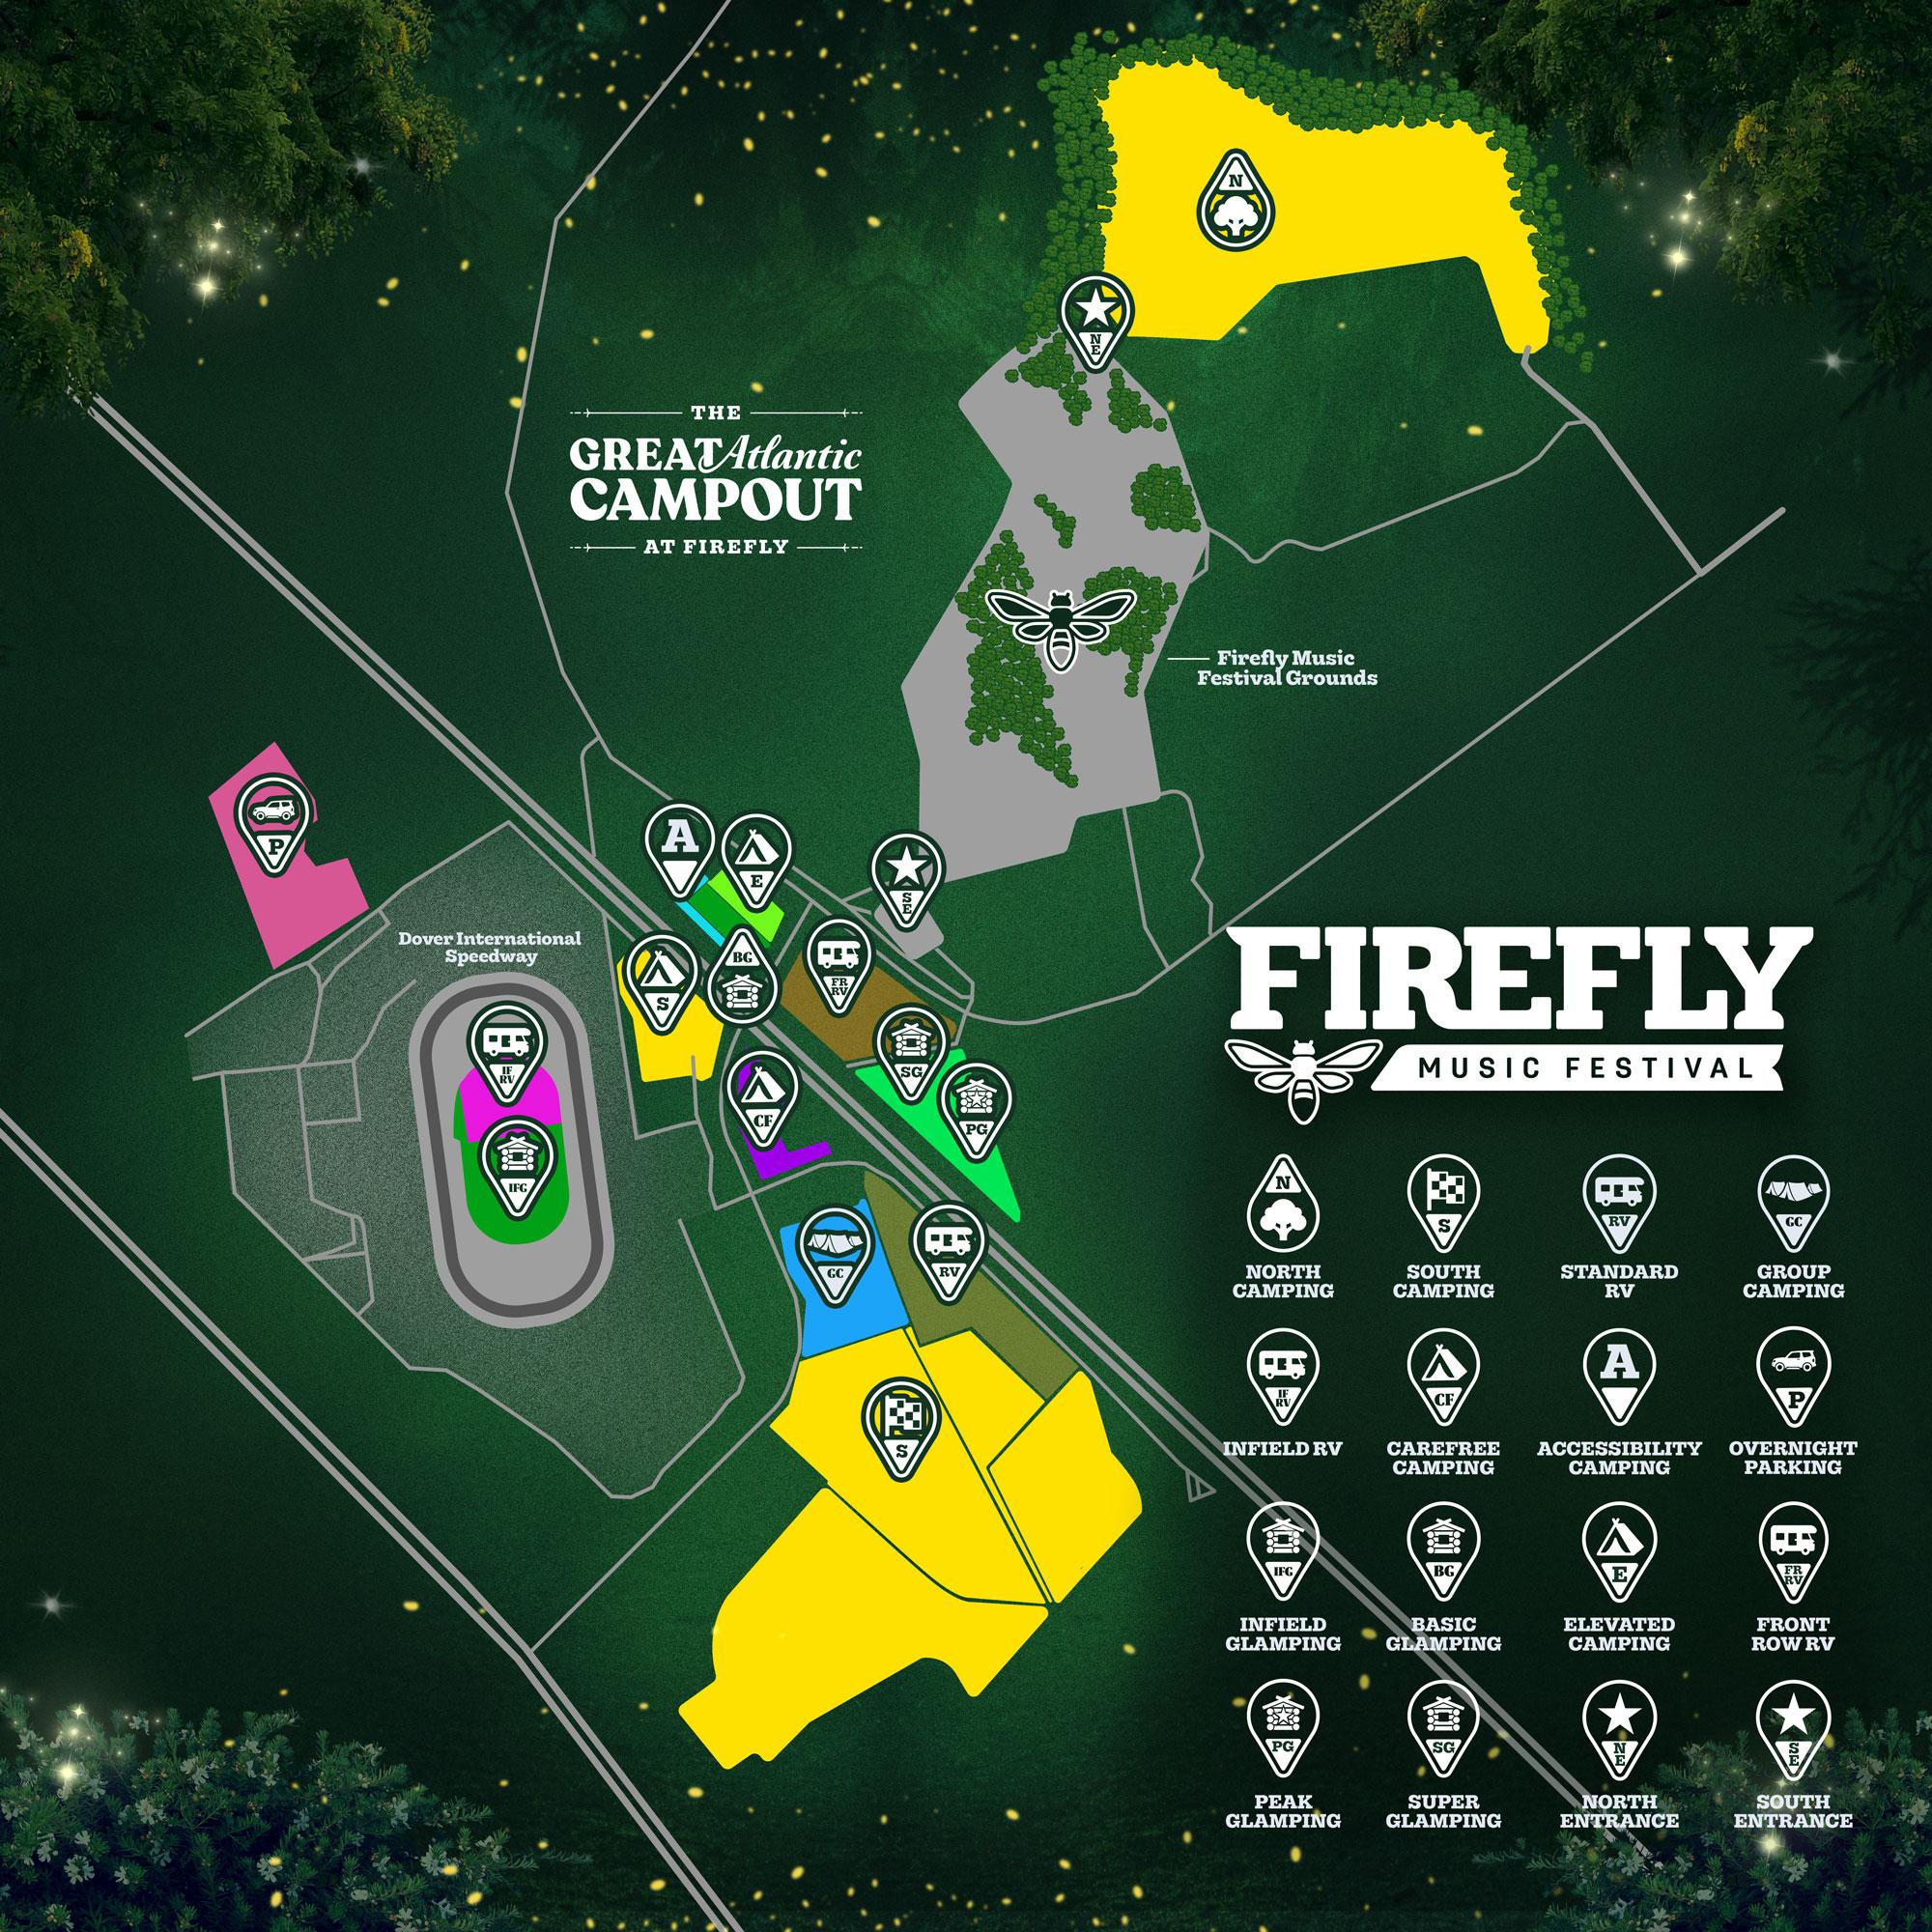 Firefly Music Festival | June 21 - 23 In Dover, Delaware